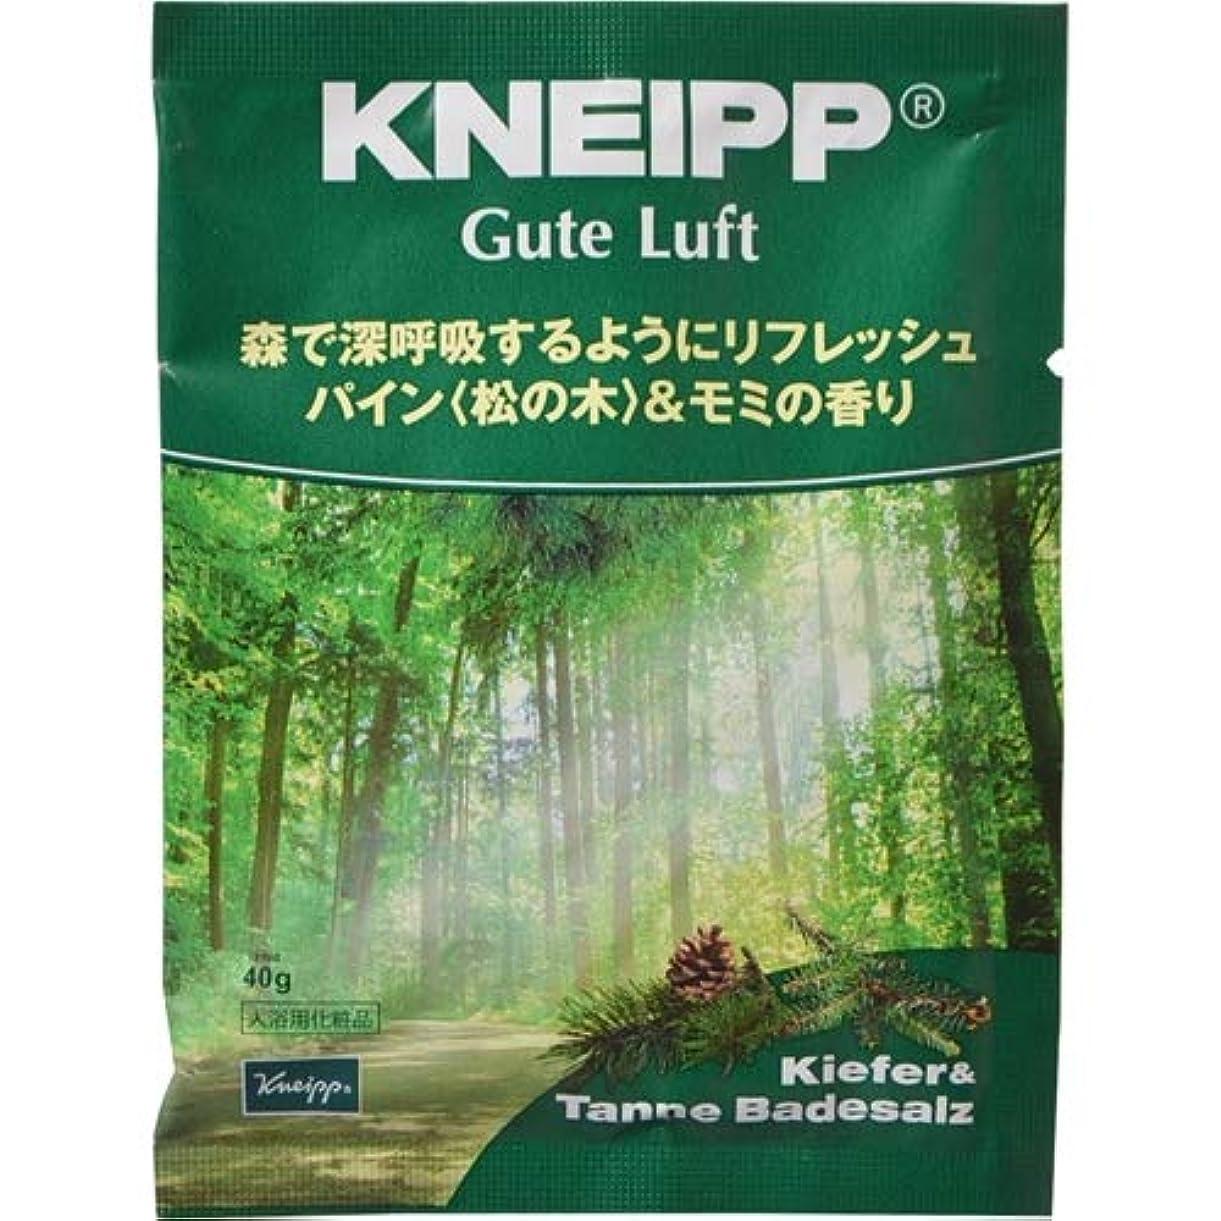 試用溶かす不適クナイプ?ジャパン クナイプ グーテルフト バスソルト パイン<松の木>&モミの香り 40g